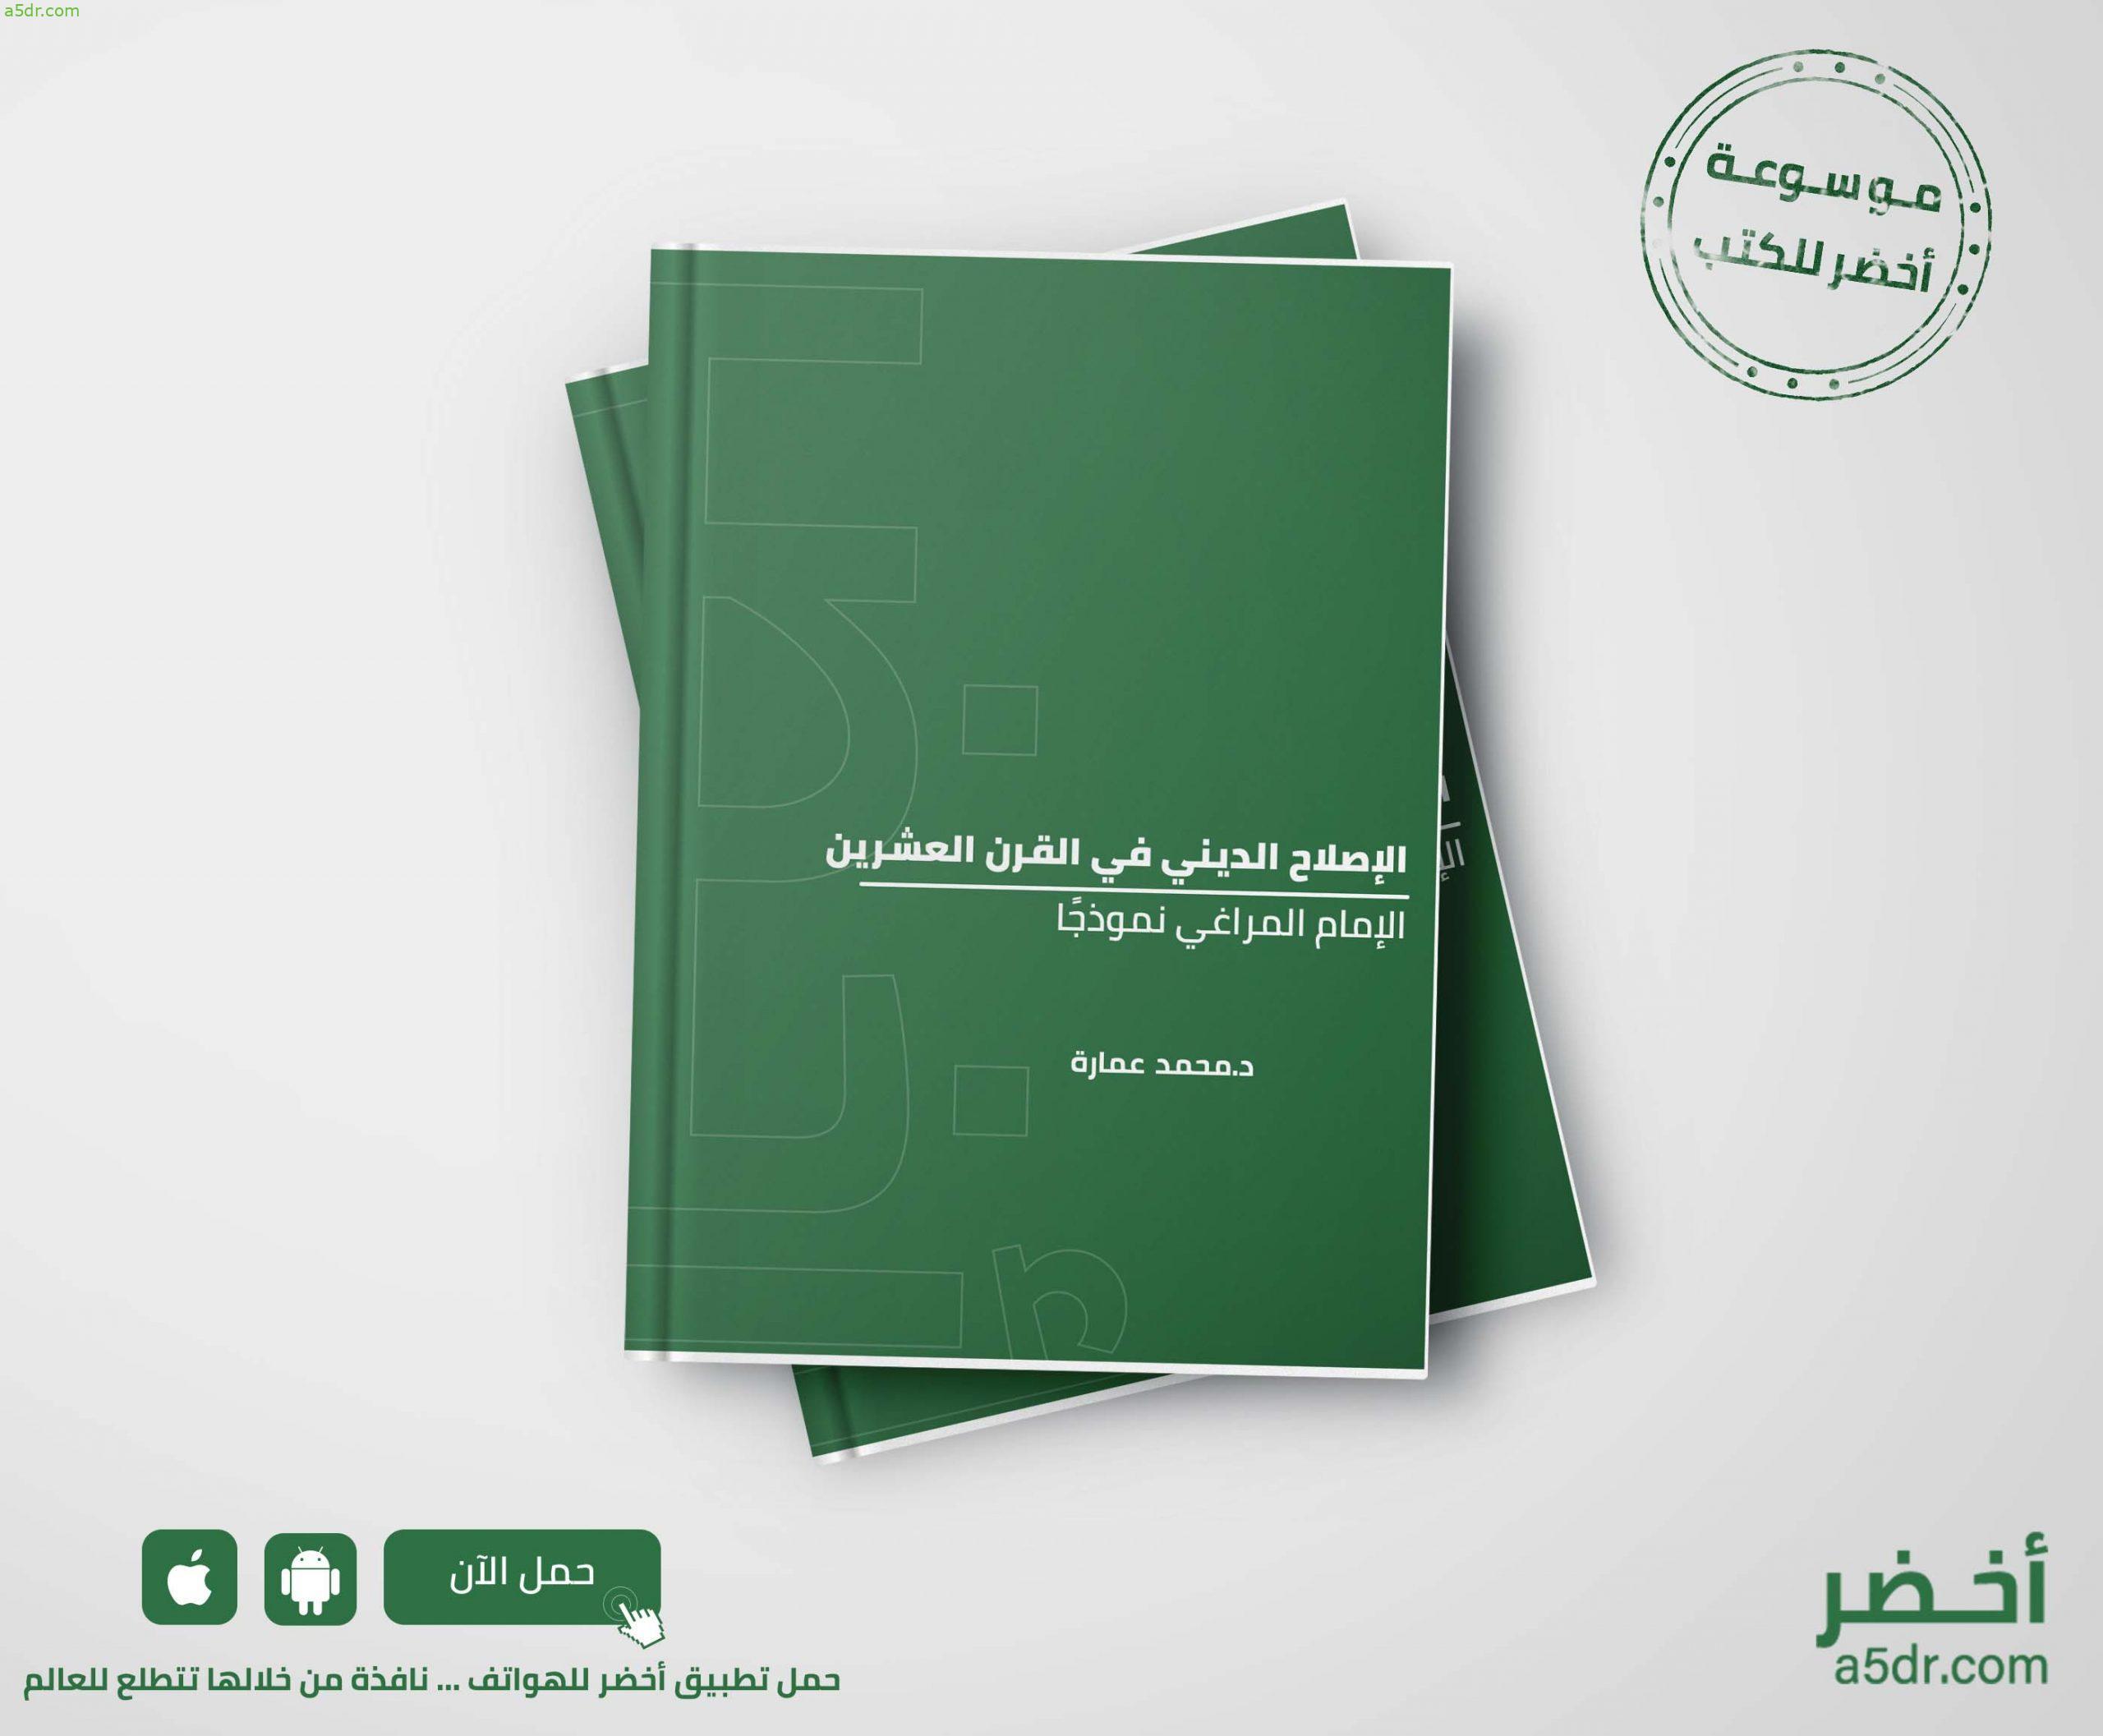 كتاب الإصلاح الديني في القرن العشرين: الإمام المراغي نموذجًا - محمد عمارة